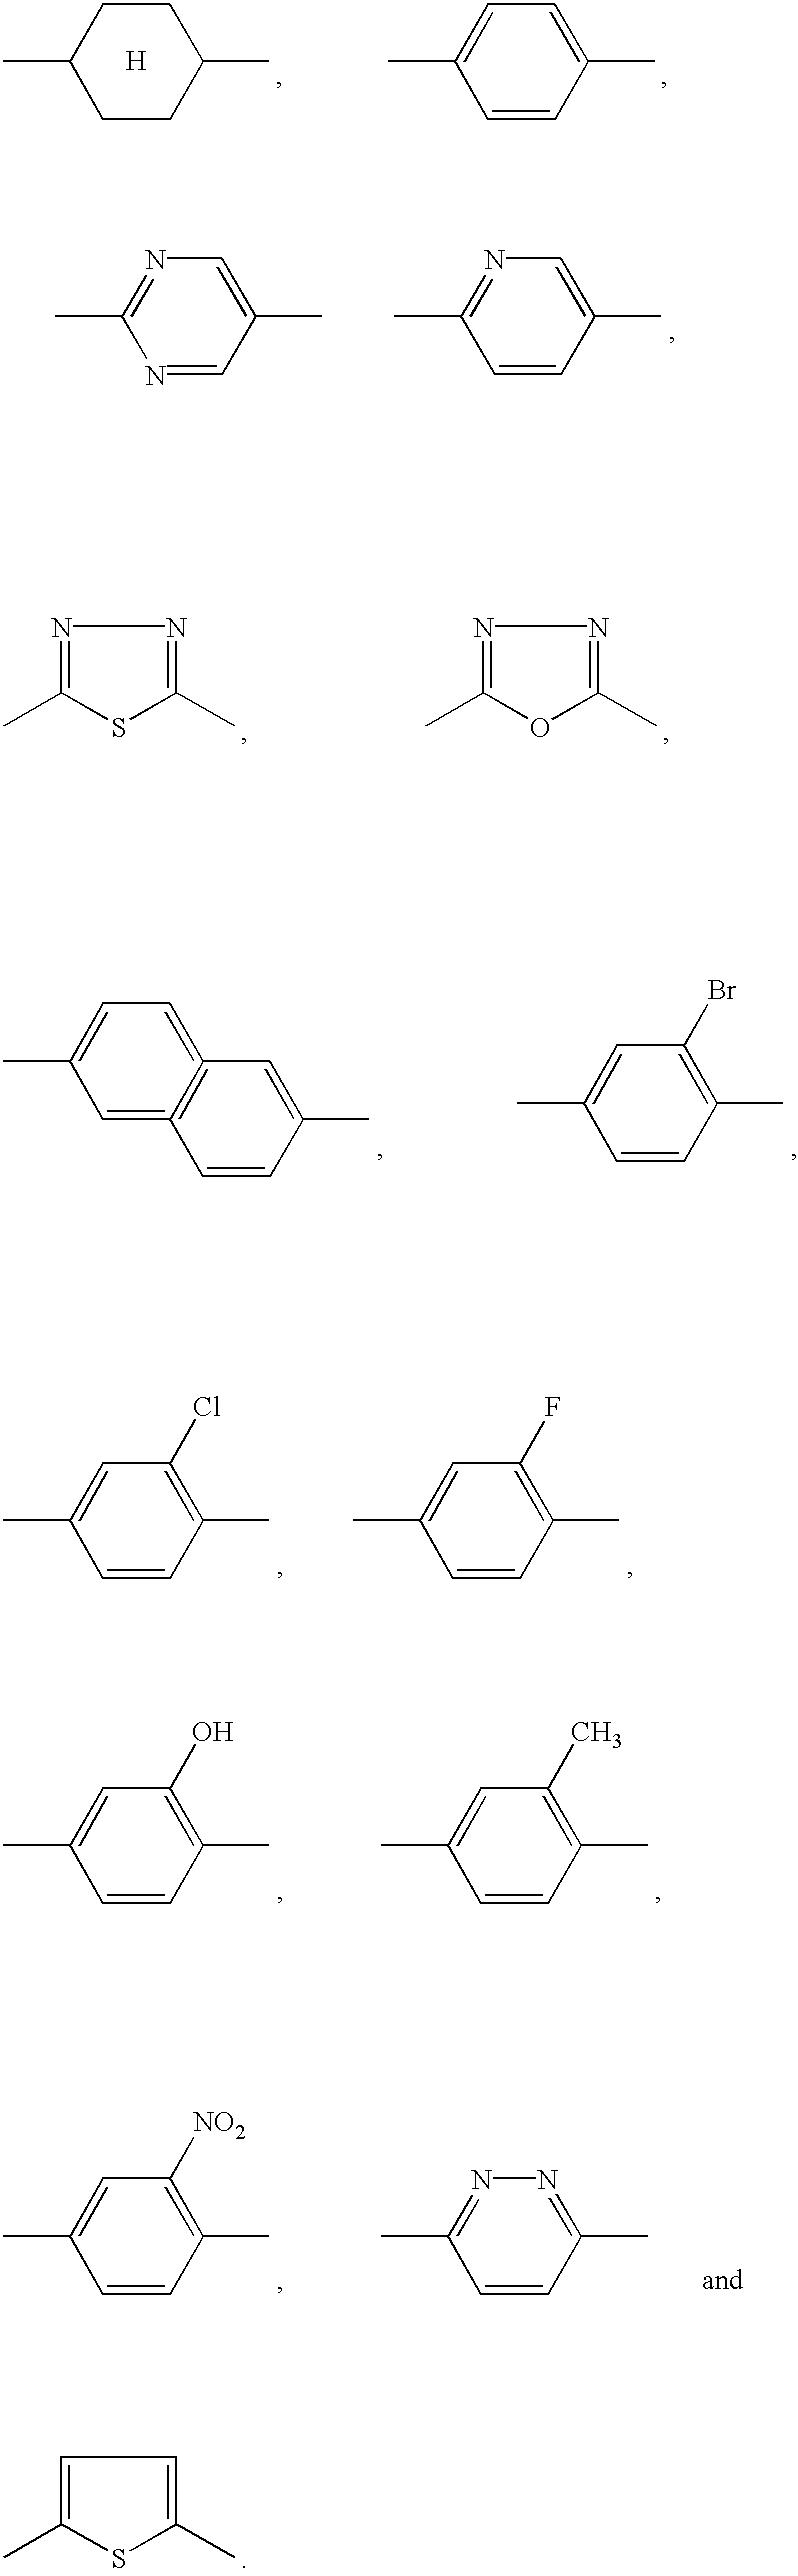 Figure US06582781-20030624-C00004